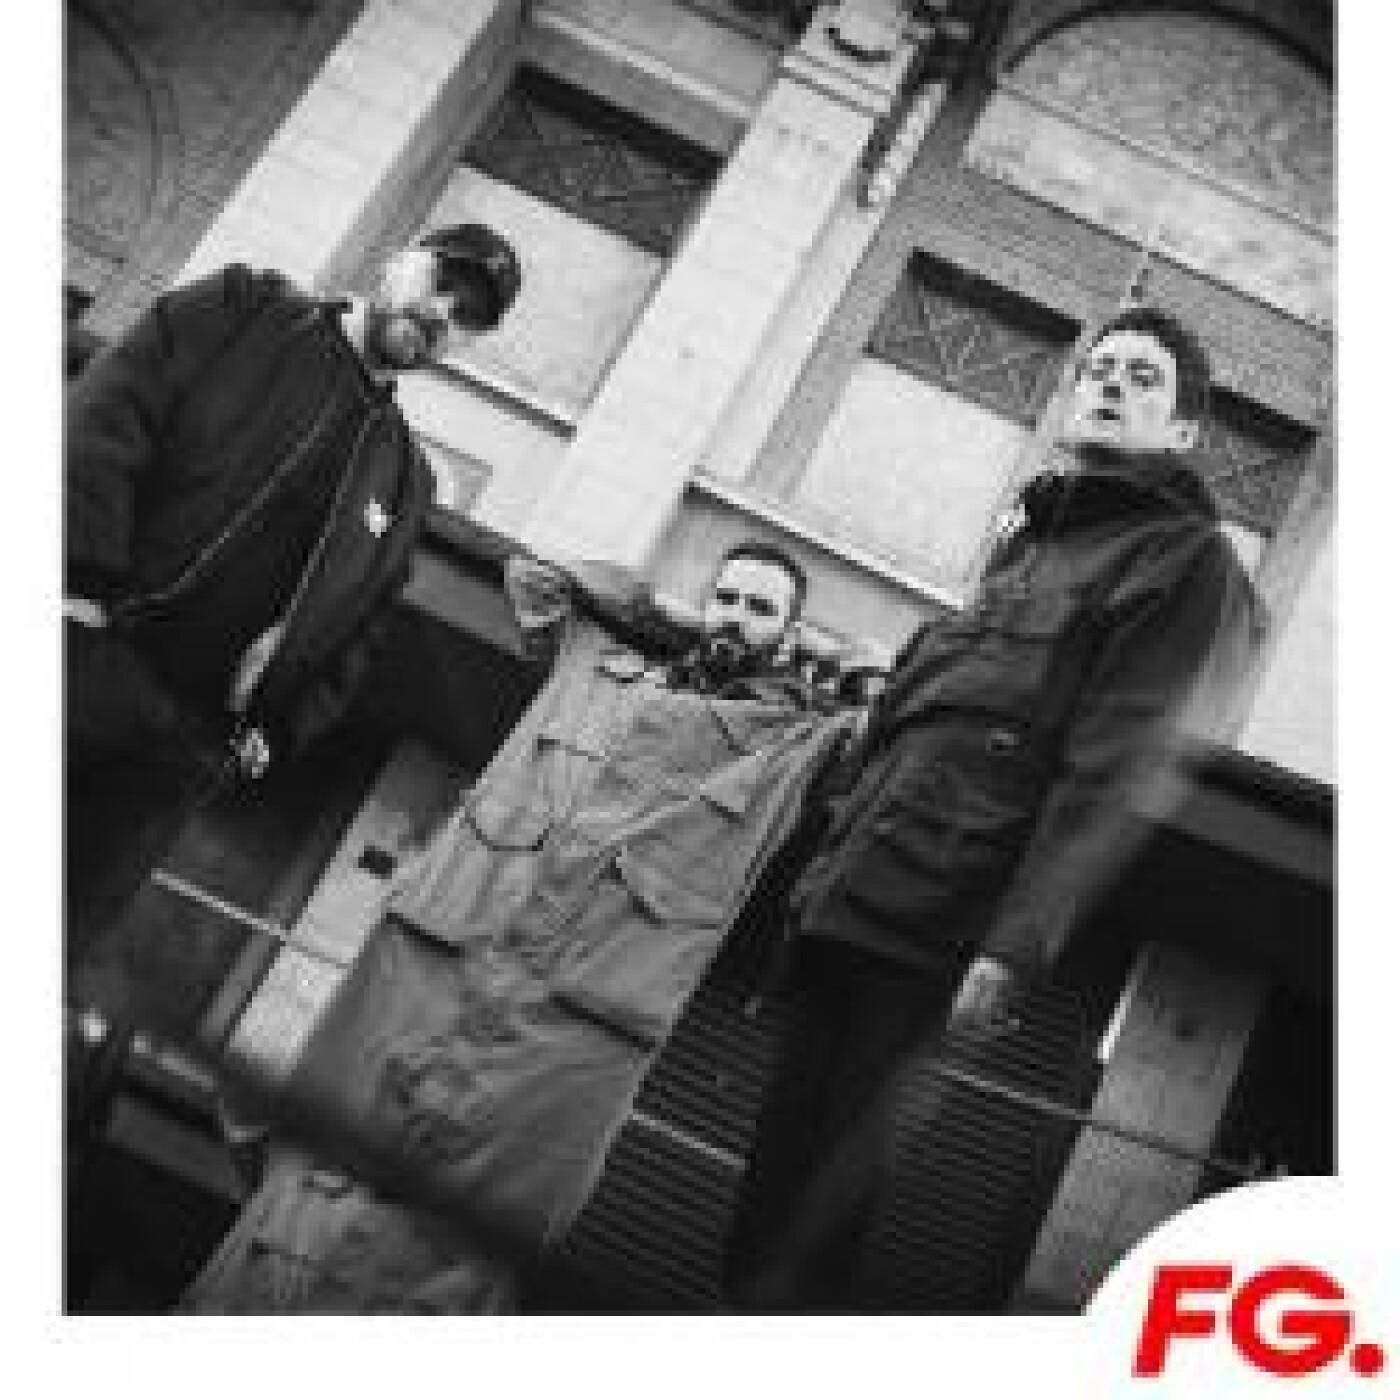 CLUB FG : ADELPHI MUSIC FACTORY